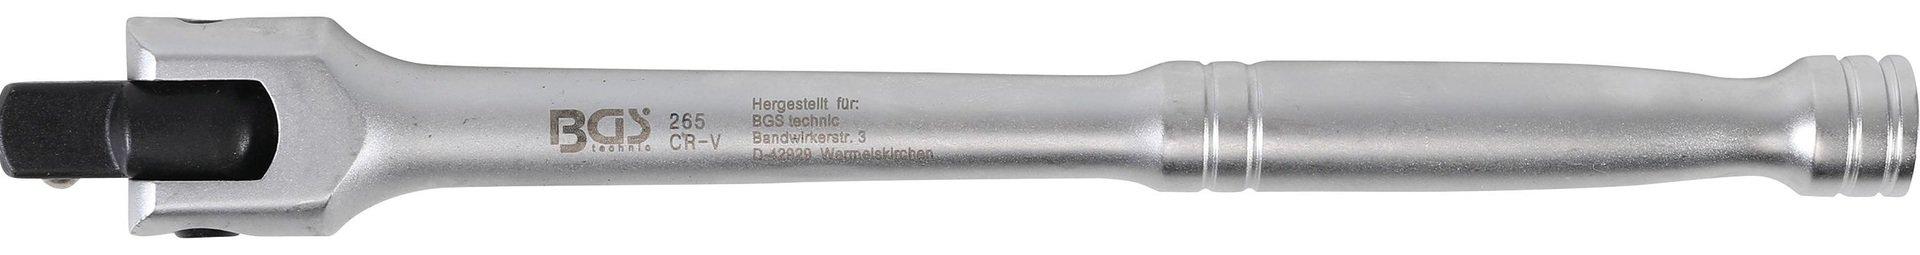 """Trhák s kloubem 1/2"""" 250mm - BGS 265"""